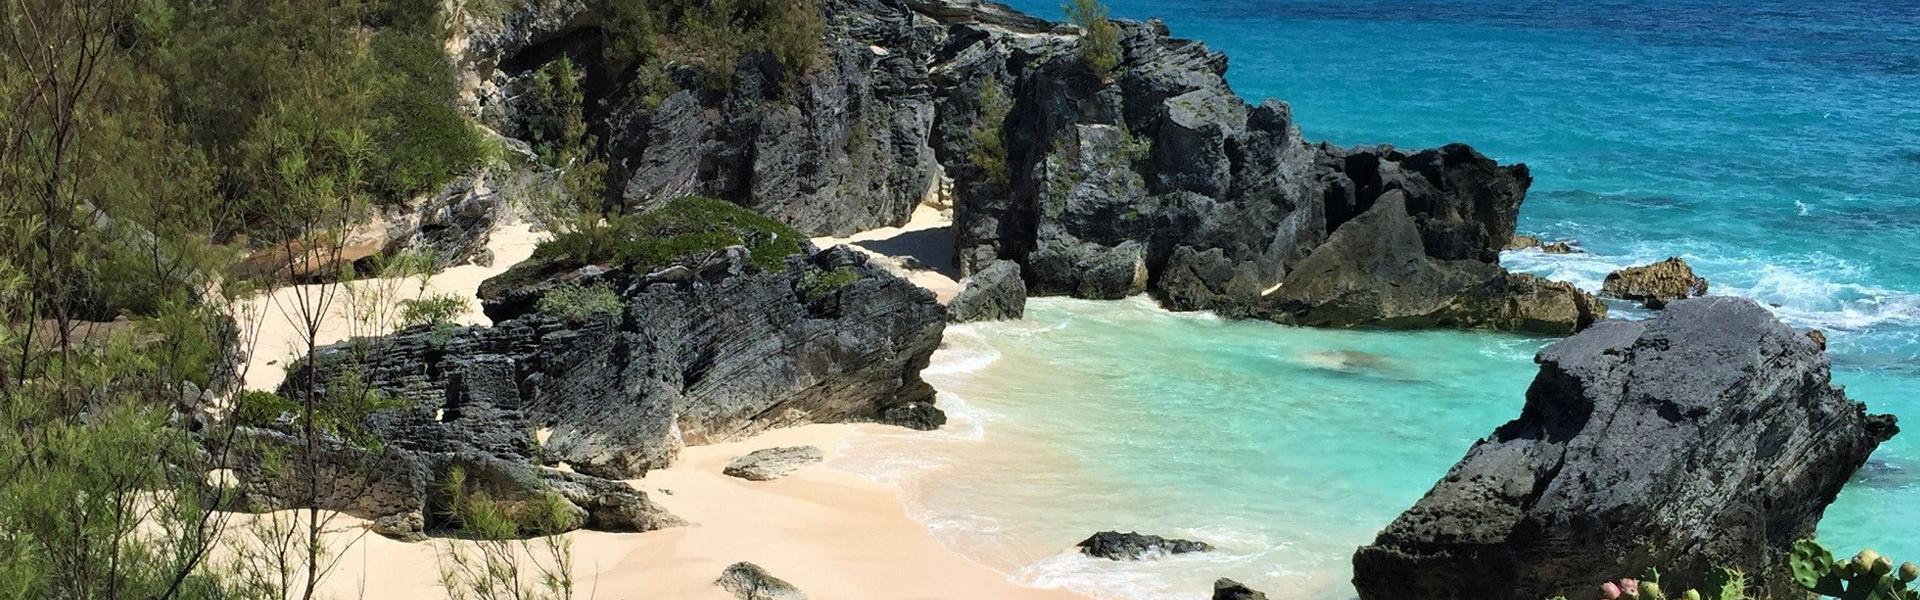 Astwood Cove Bermuda